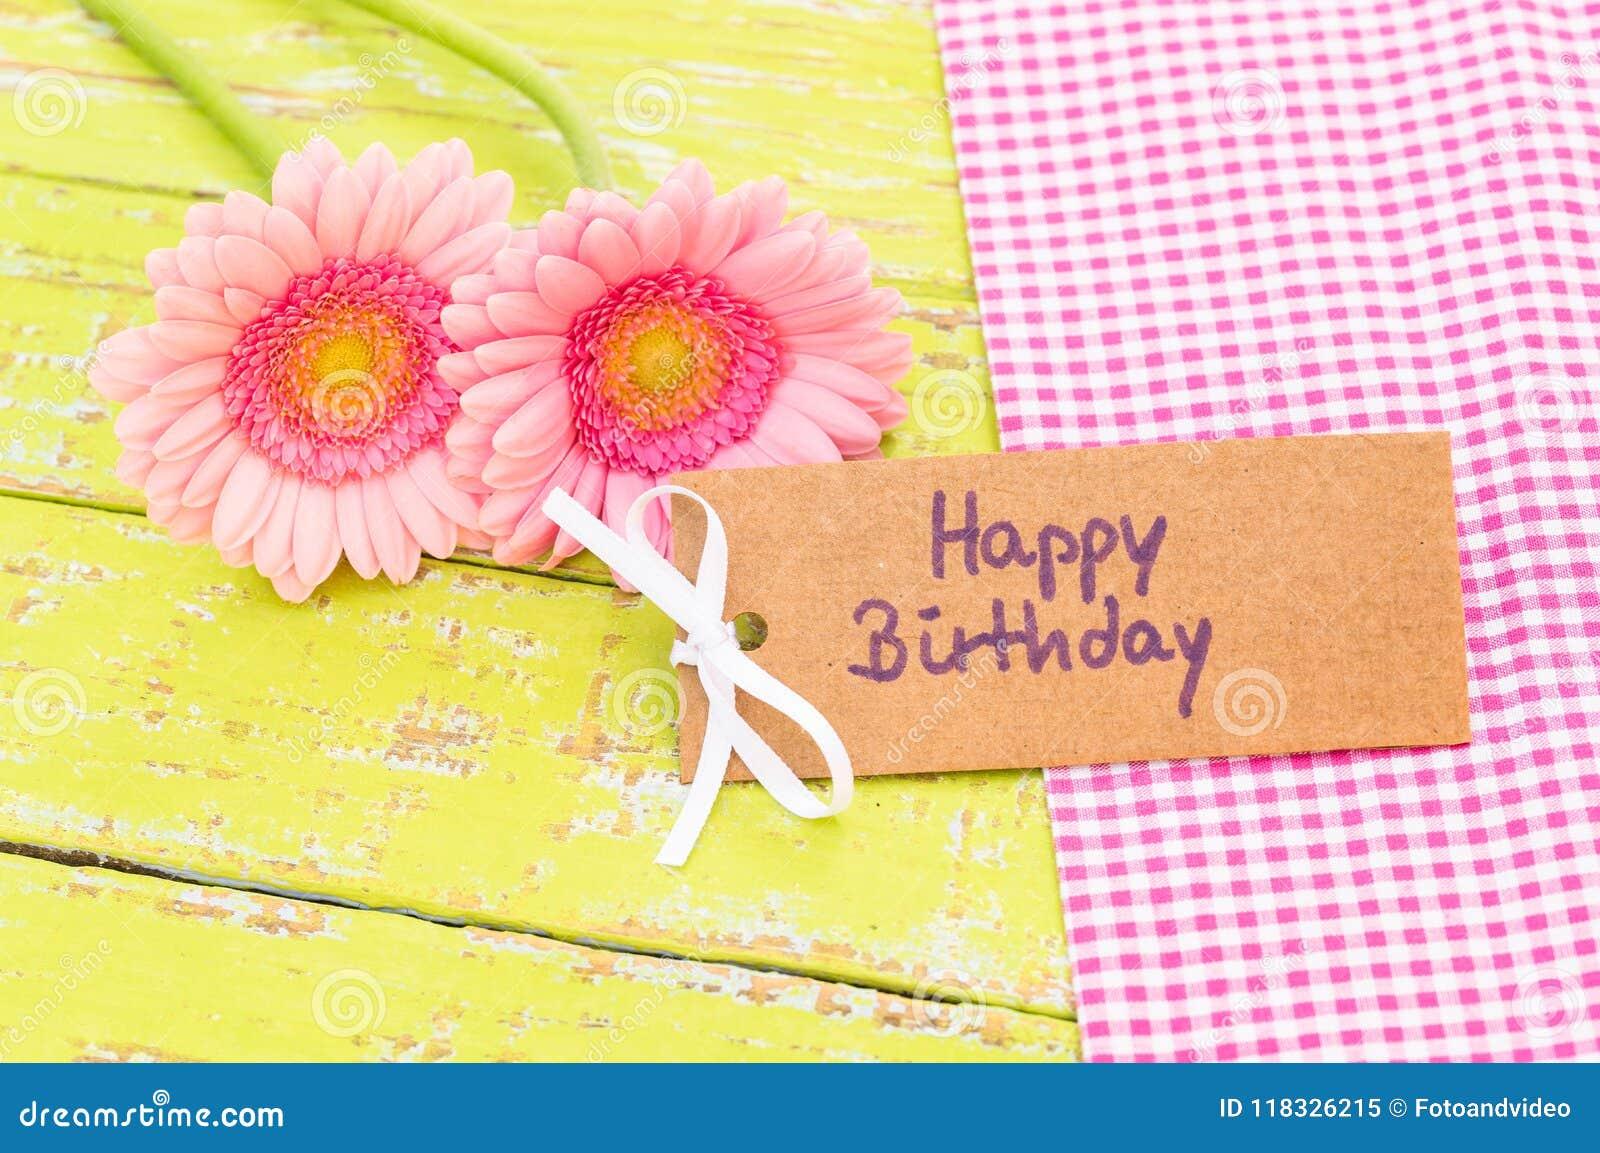 Magnifiek Pastelkleur Roze Bloemen En De Gelukkige Verjaardag Van De #FW13